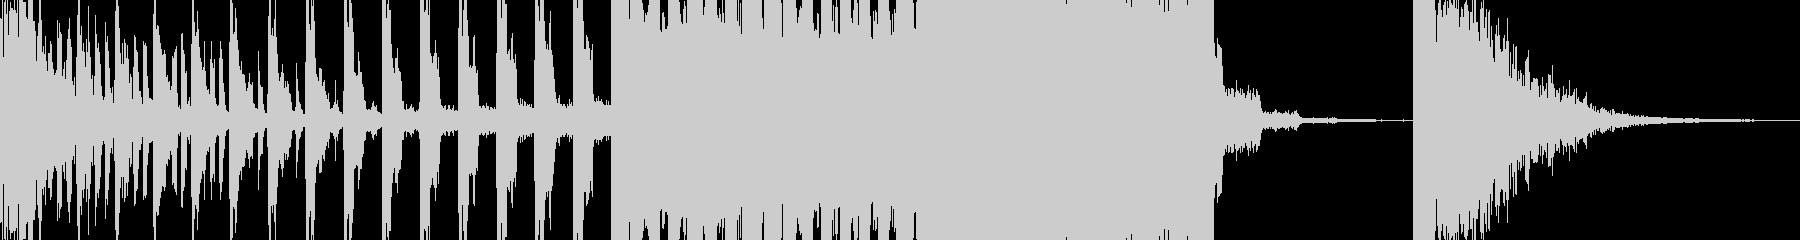 オープニング煽り効果SE(EDM)の未再生の波形